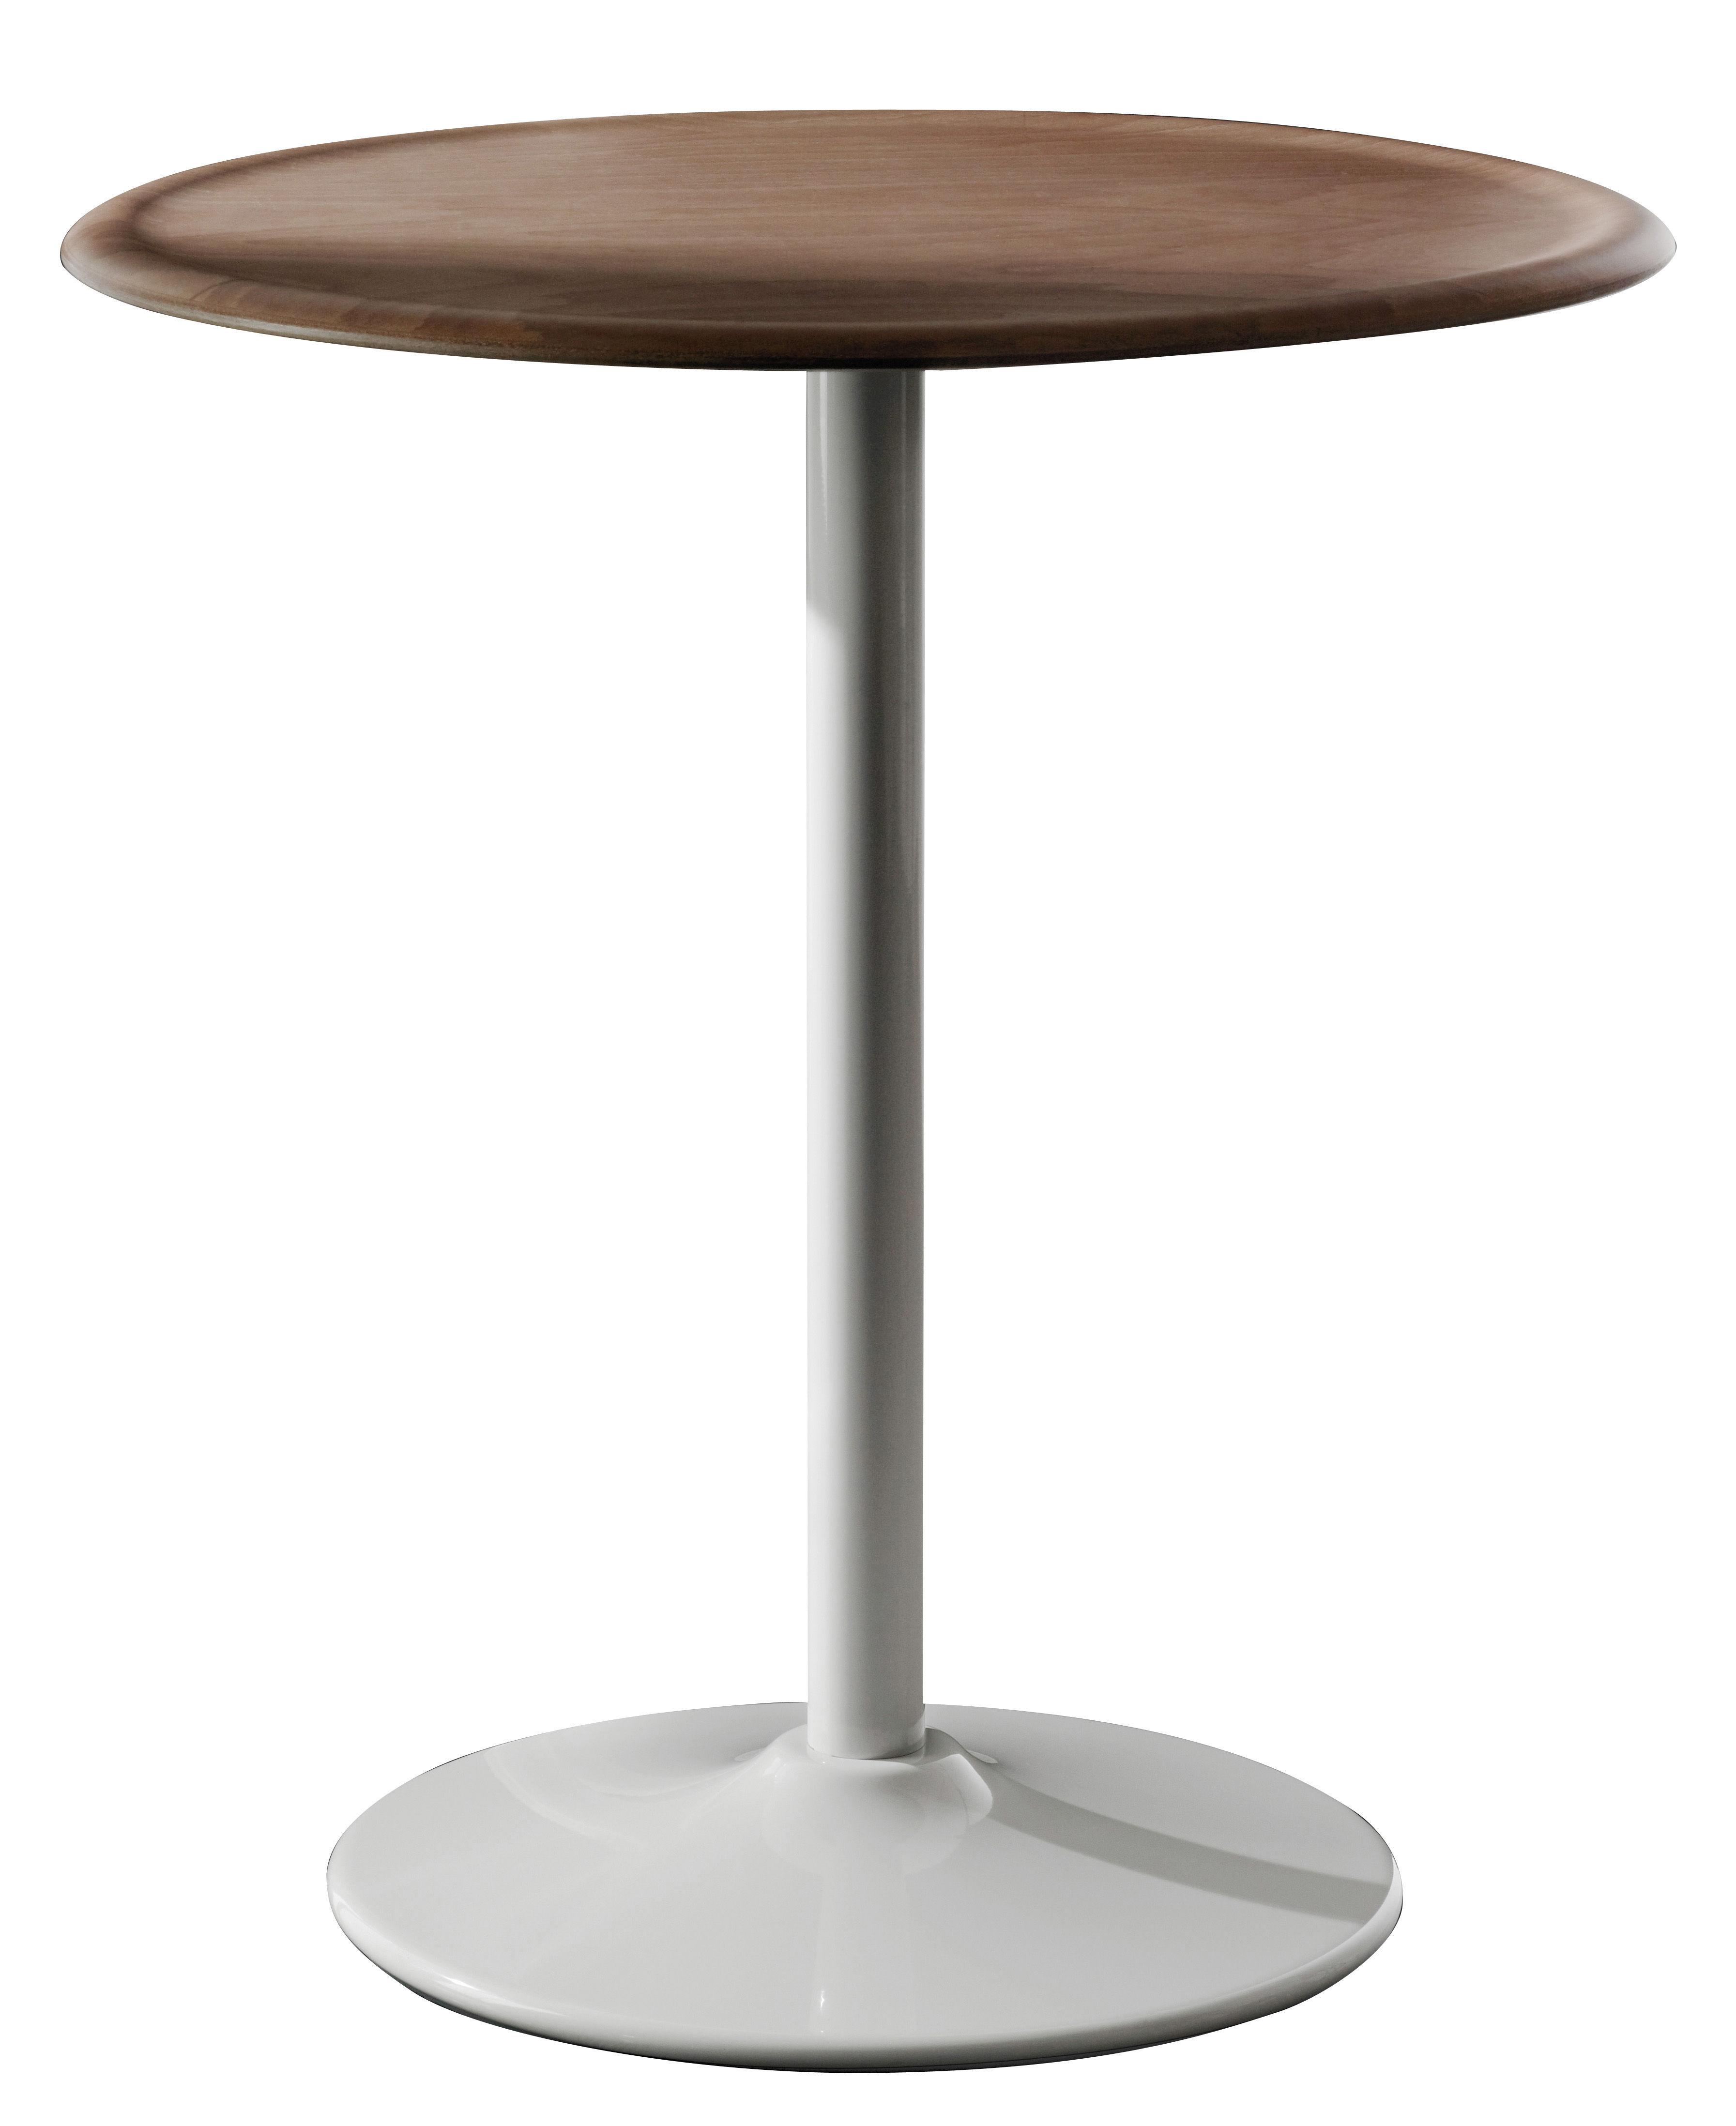 Jardin - Tables de jardin - Table de jardin Pipe / Ø 66 cm - Magis - Blanc / Hêtre naturel - Acier, Multiplis de hêtre